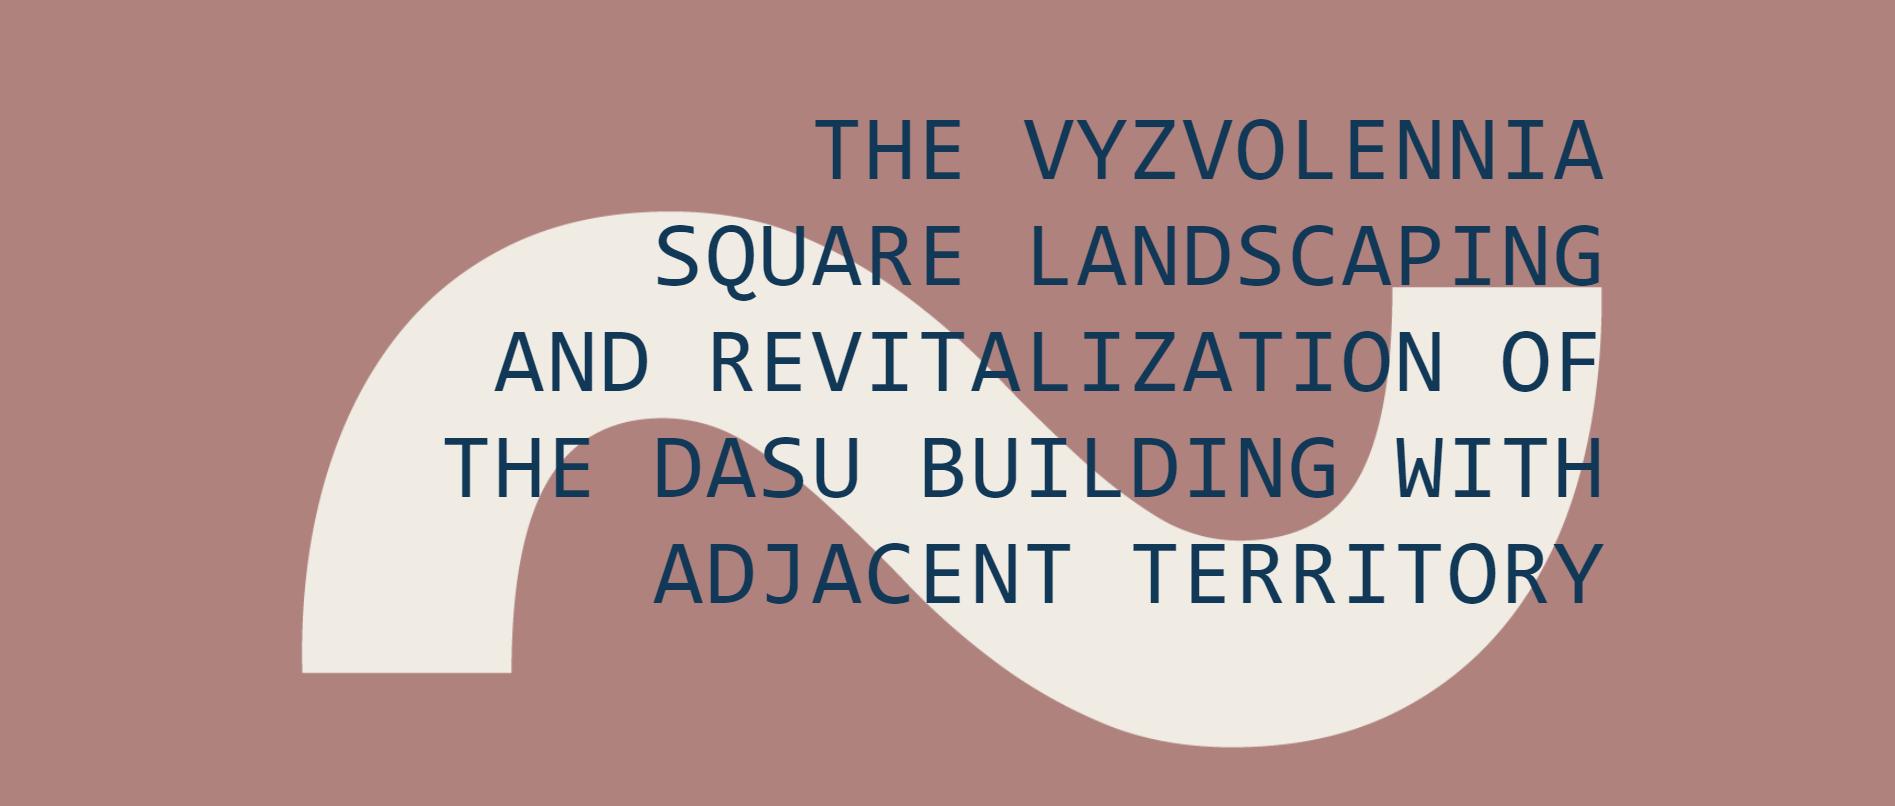 马里乌波尔维兹沃伦尼亚广场周边地区景观设计及DASU大楼改造国际竞赛